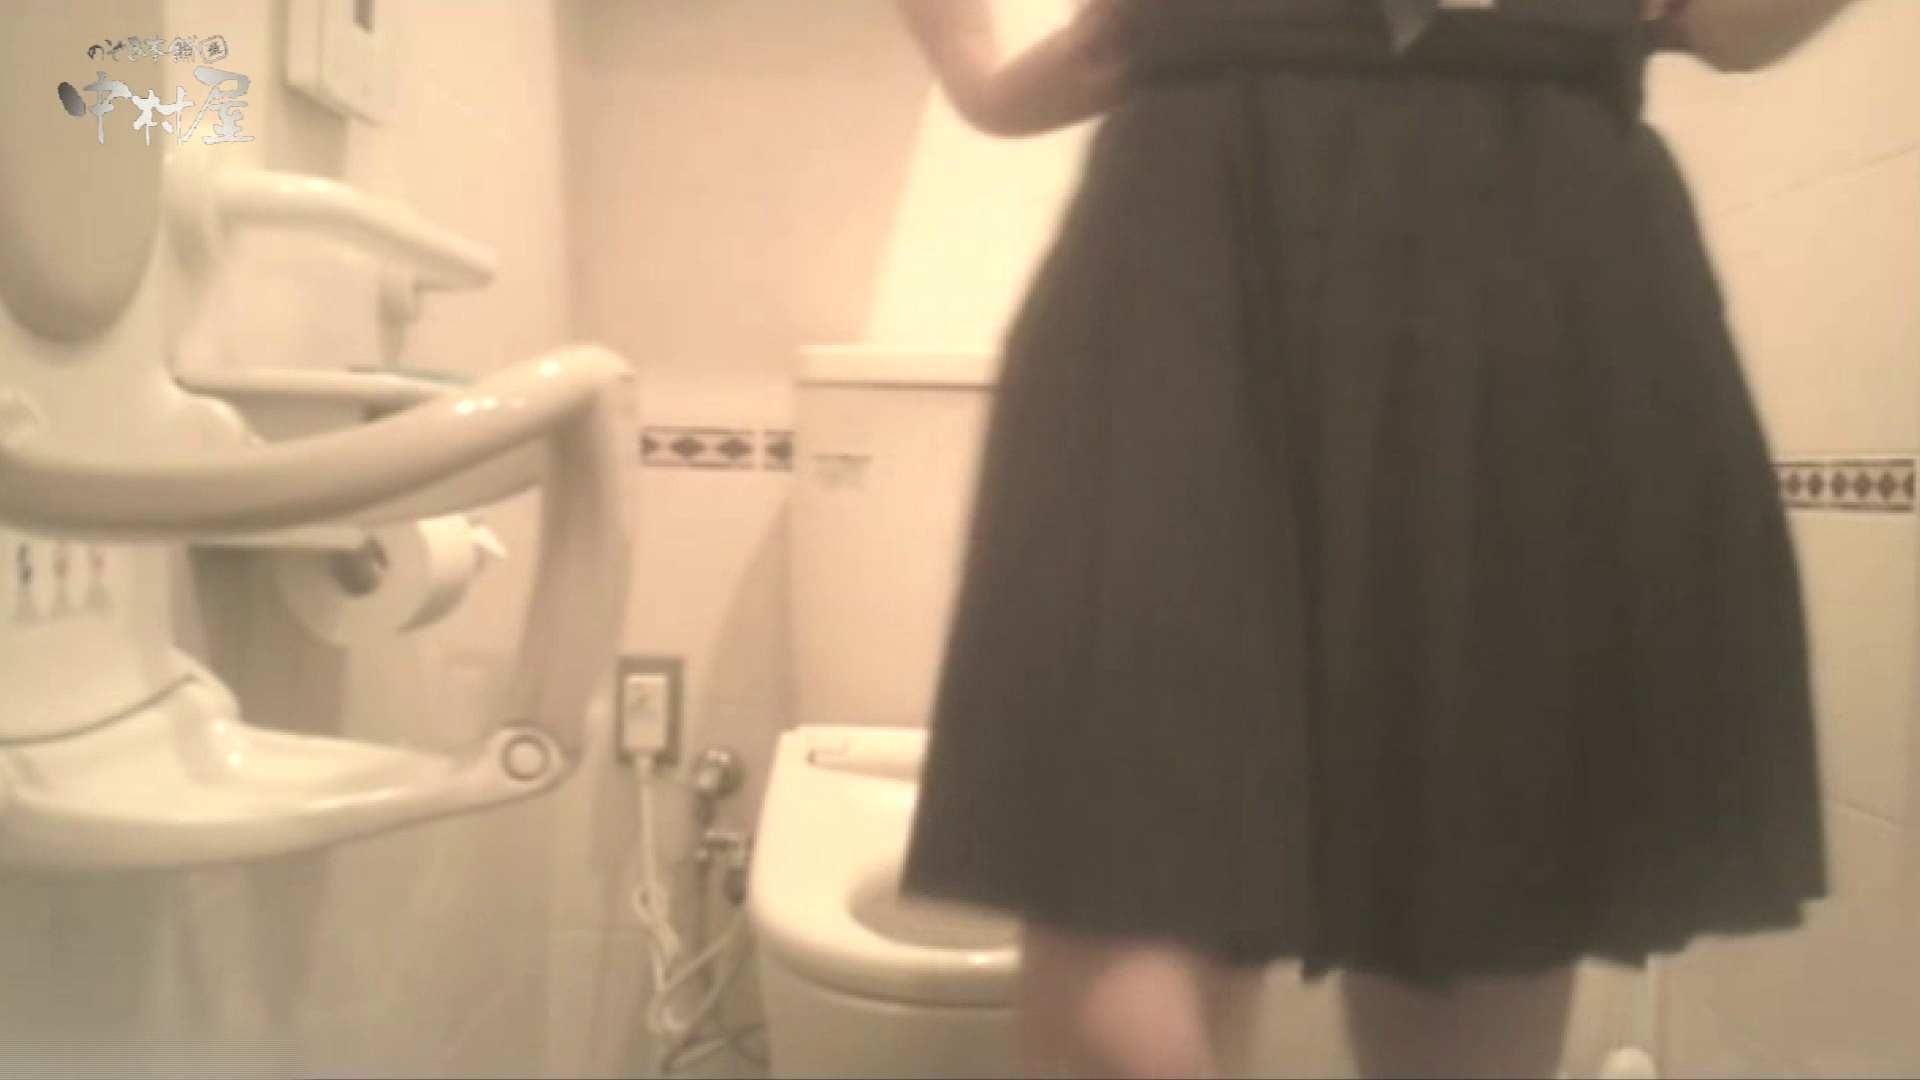 ティーンガールのトイレ覗き‼vol.25 お姉さんのエロ動画 | 女子大生のエロ動画  106PIX 85